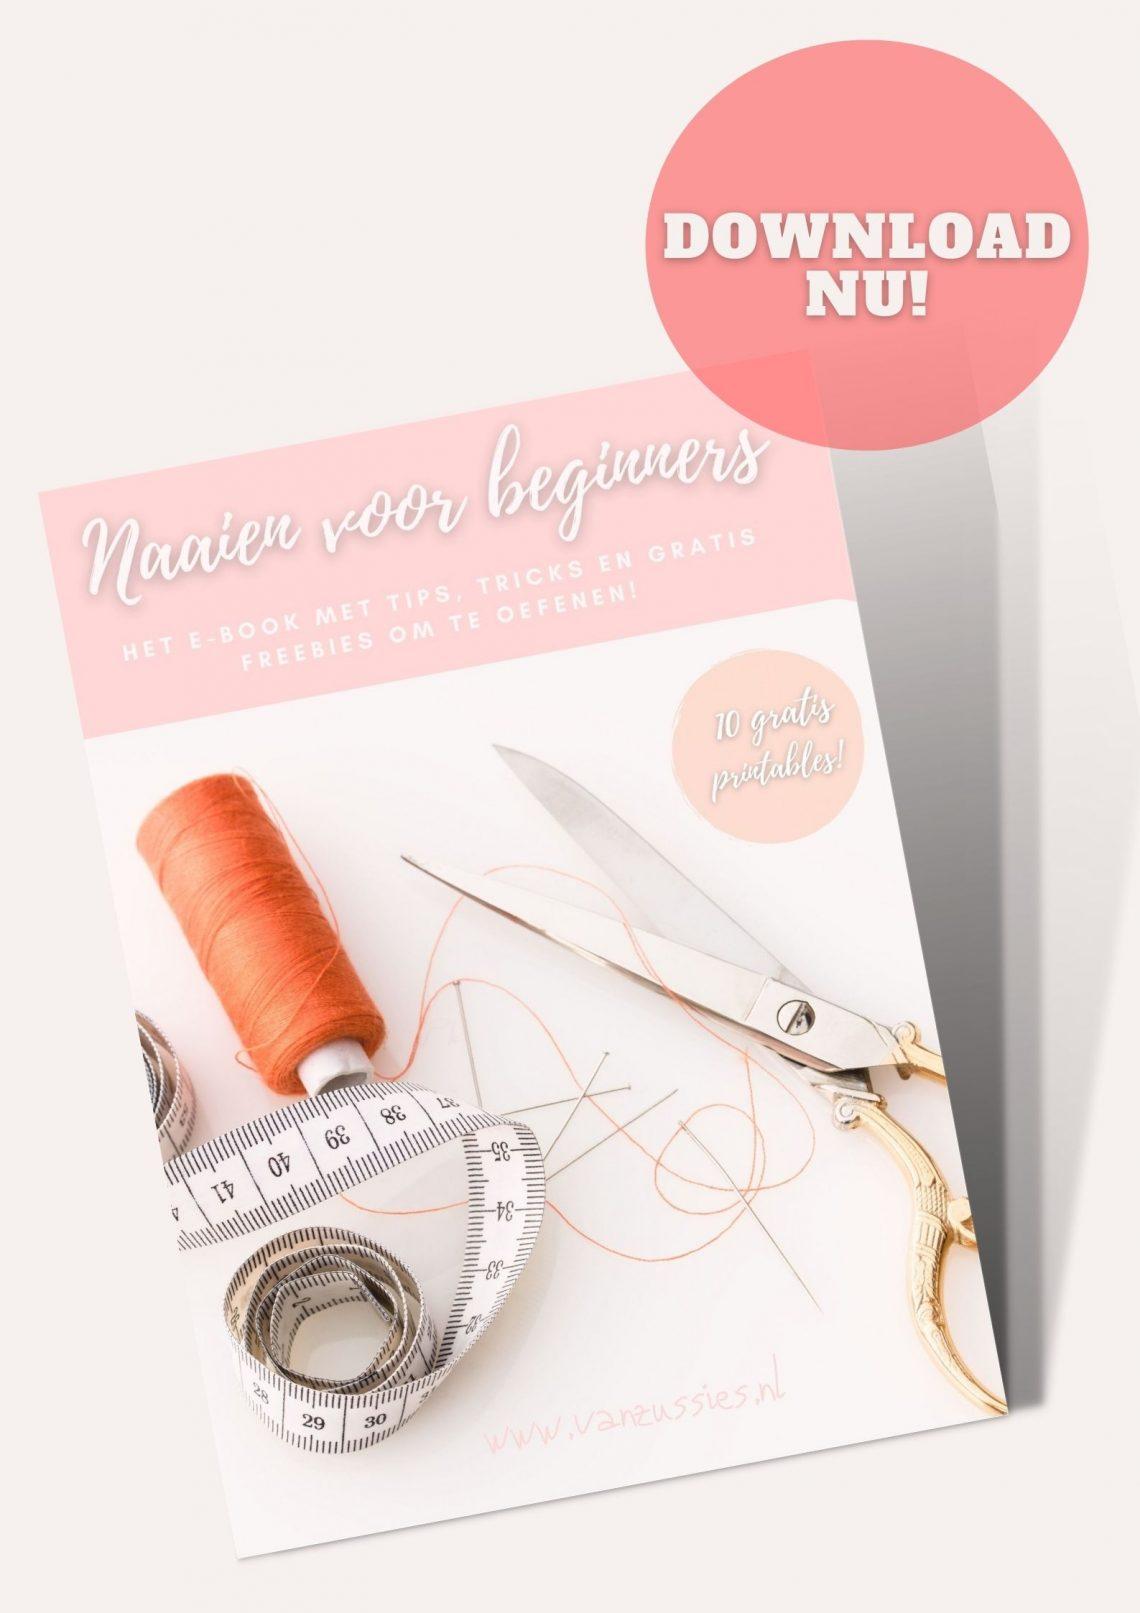 e-book naaien voor beginners